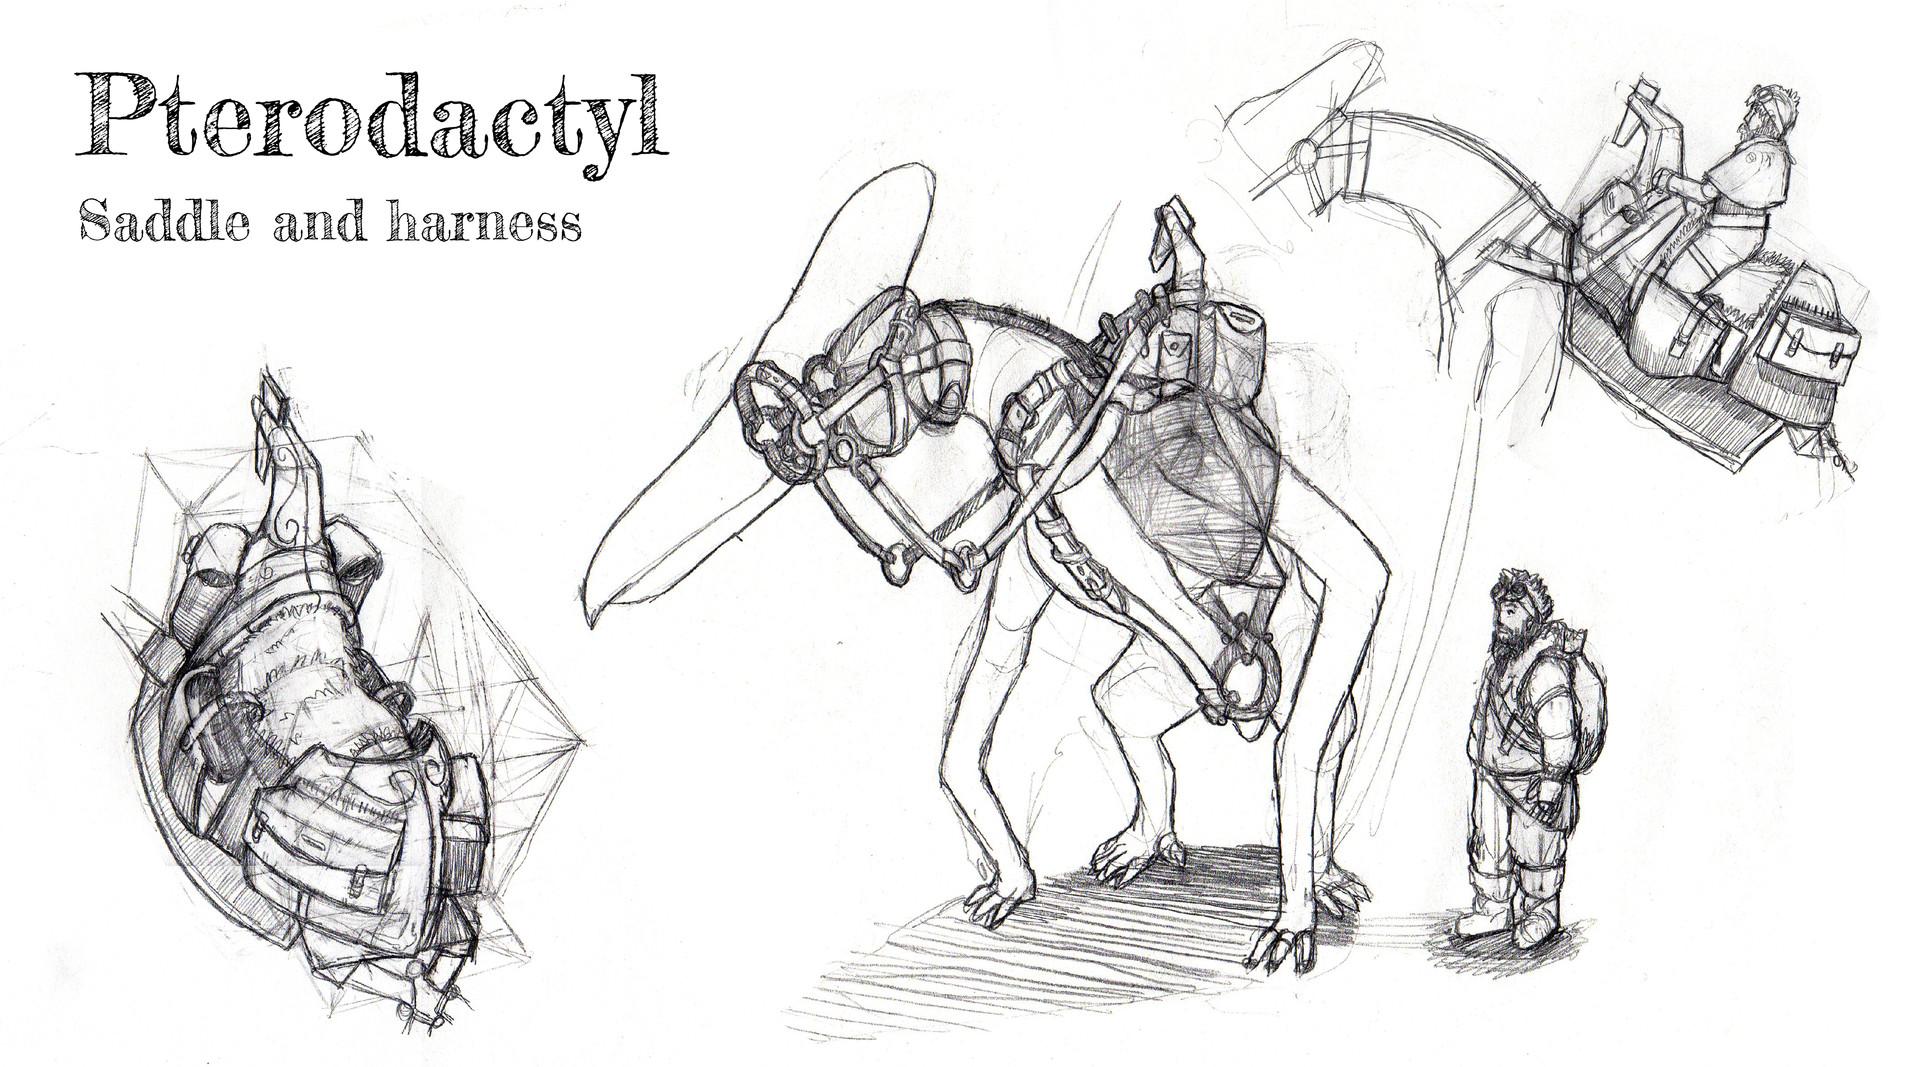 Tom mackintosh copy of pterodactyl